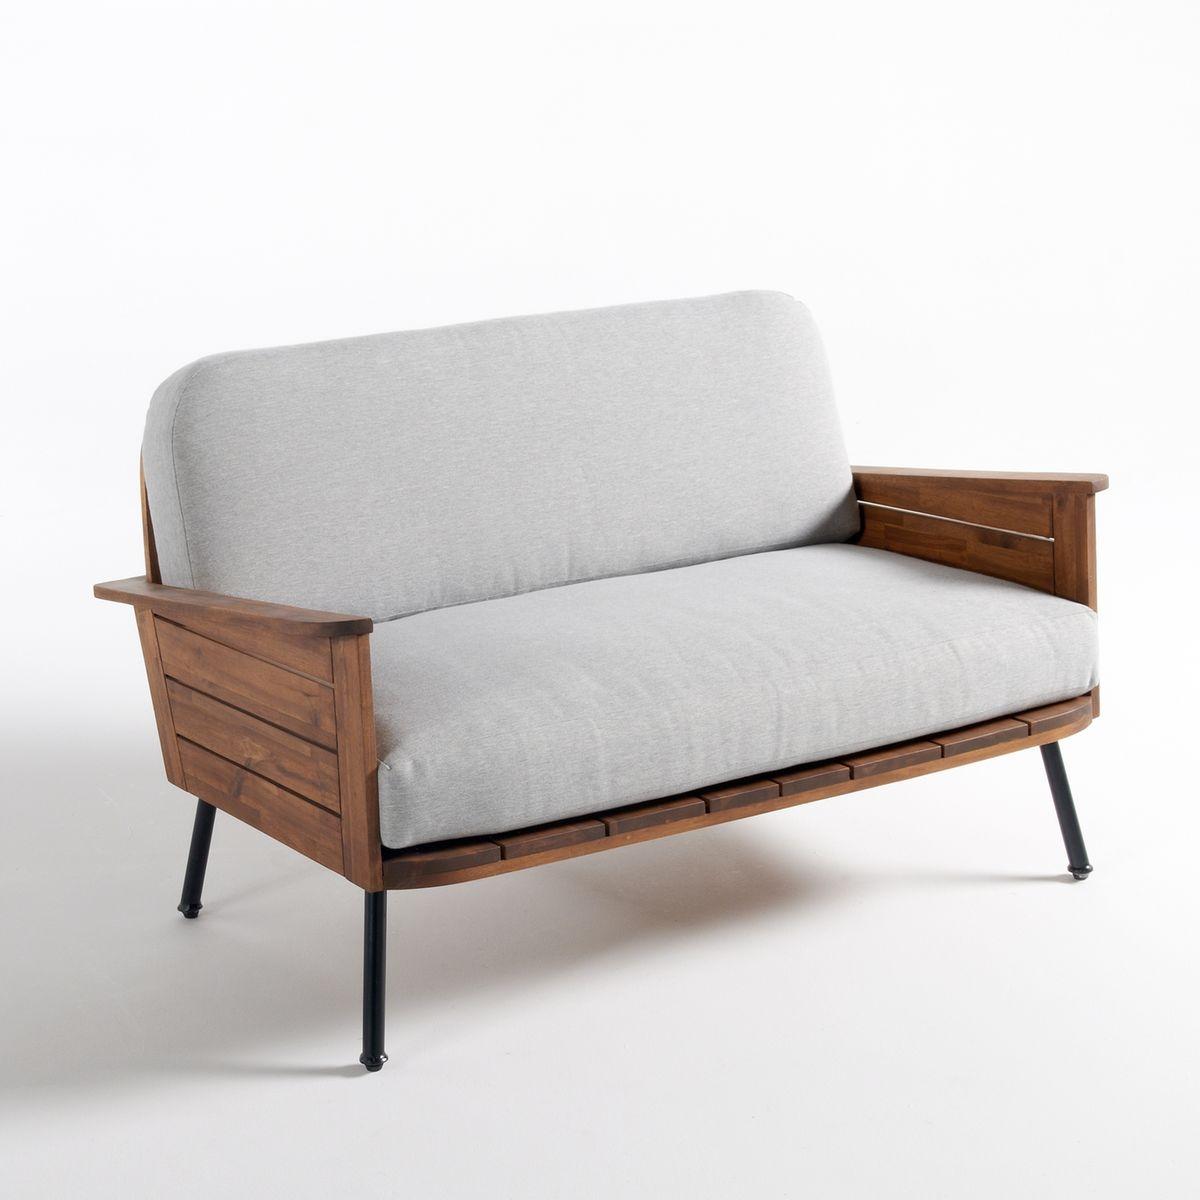 Canapé de jardin 2 places Noir Pas cher Relax